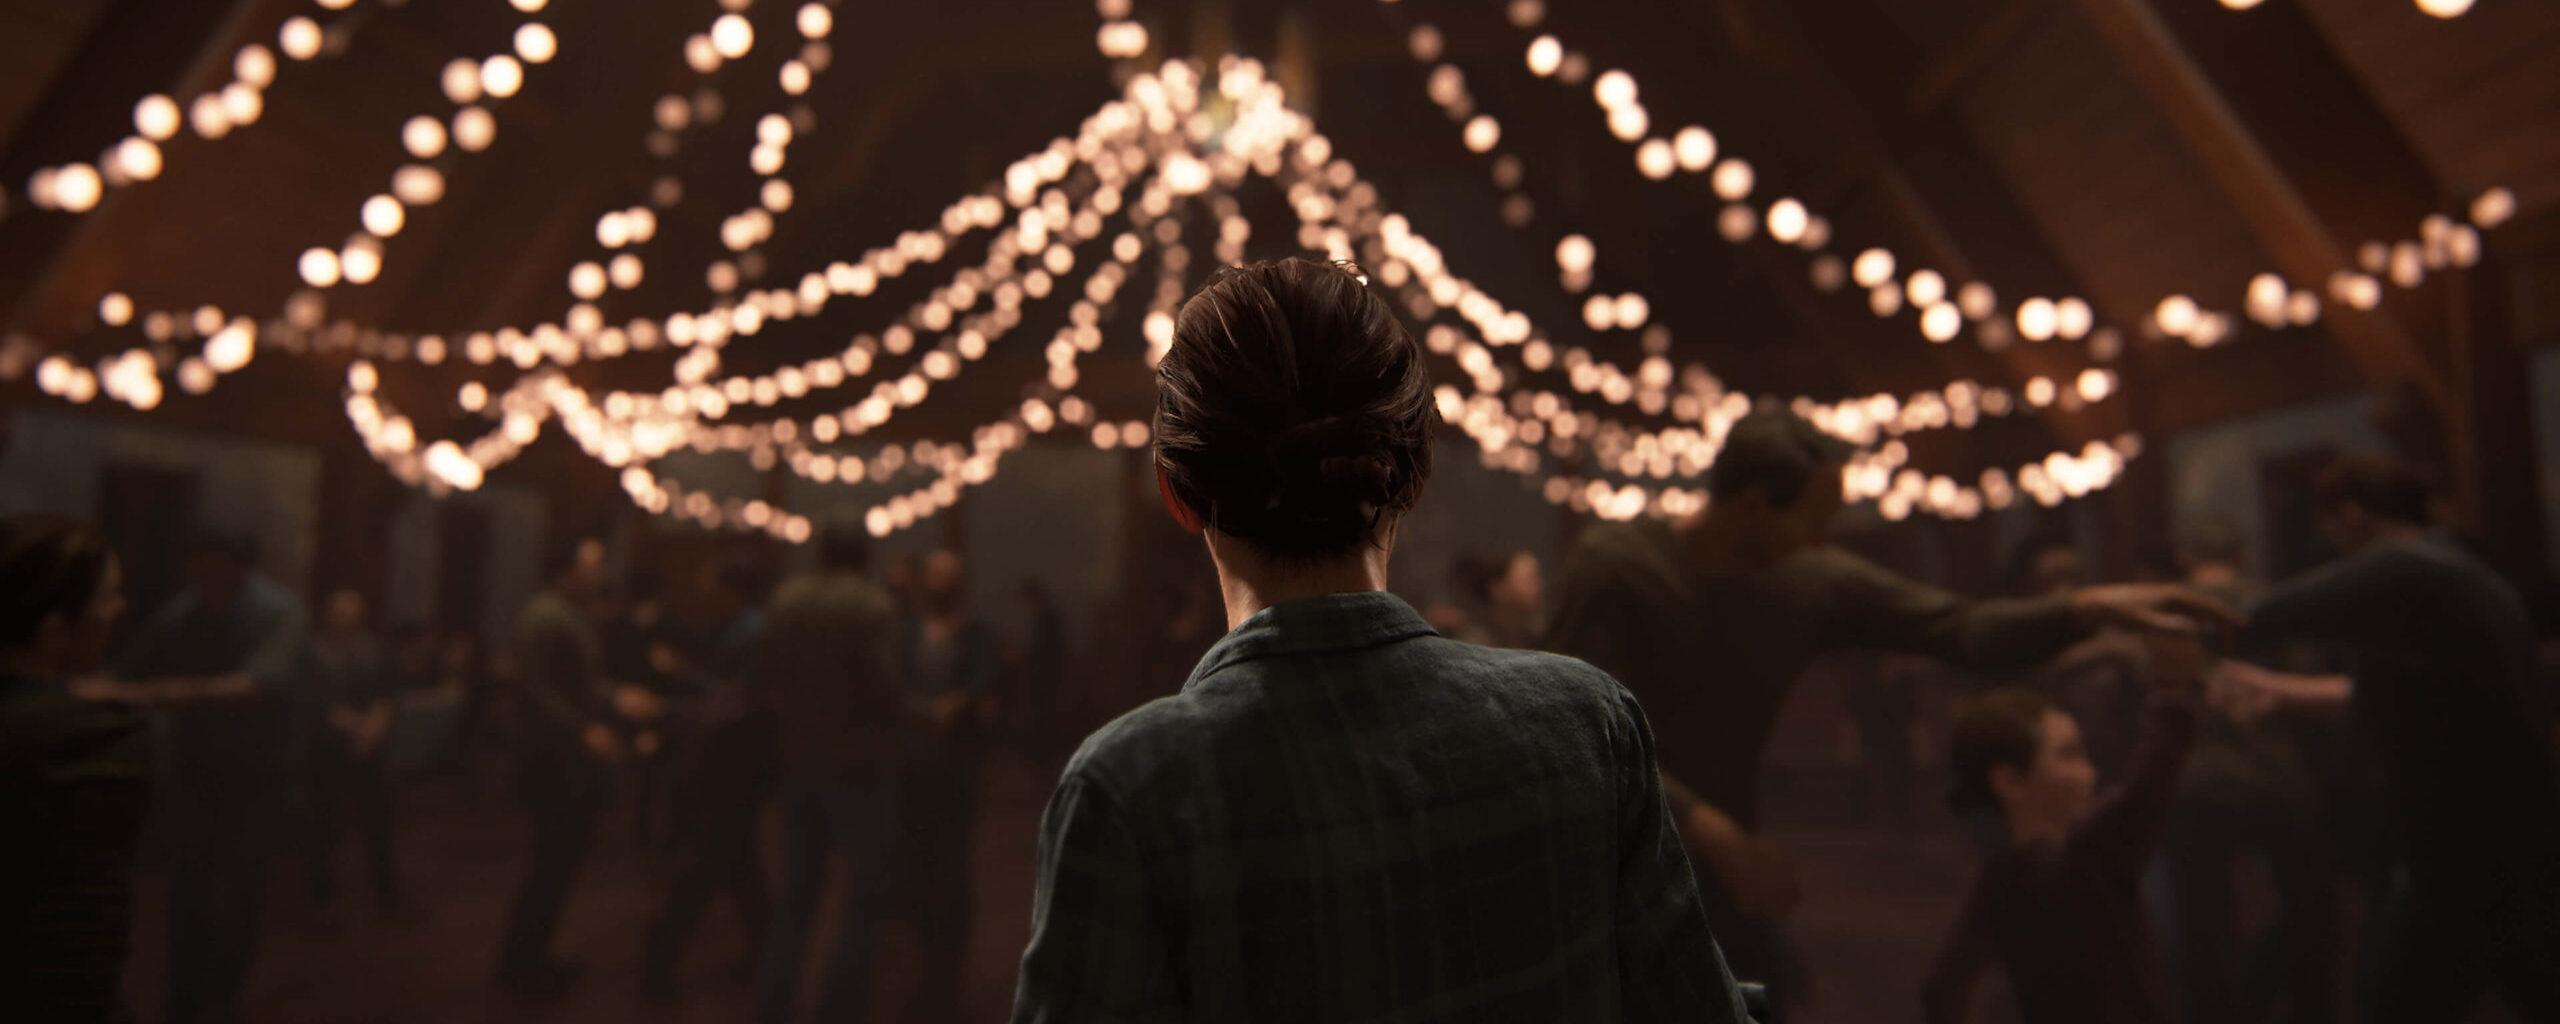 The Last of Us Revisitado 3